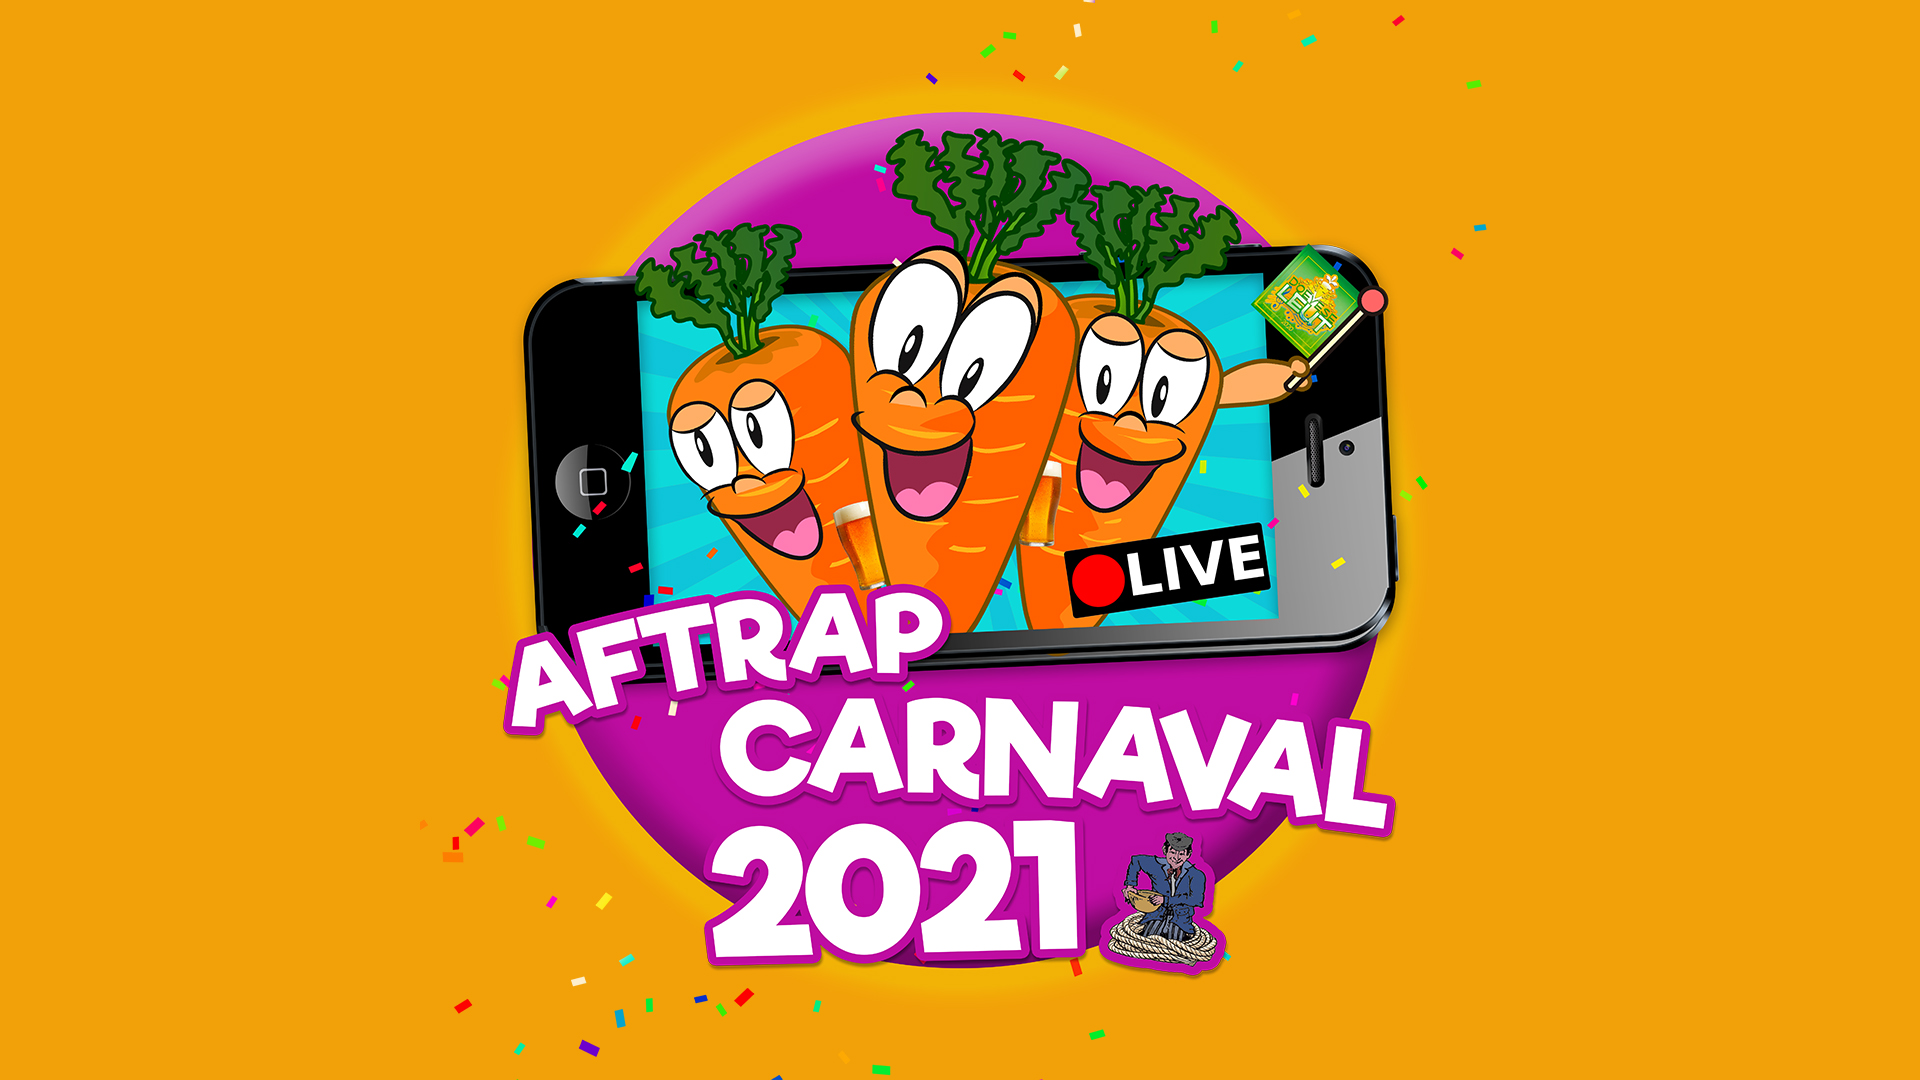 Zaterdag Live Aftrap Carnaval 2021 In Peejenland!